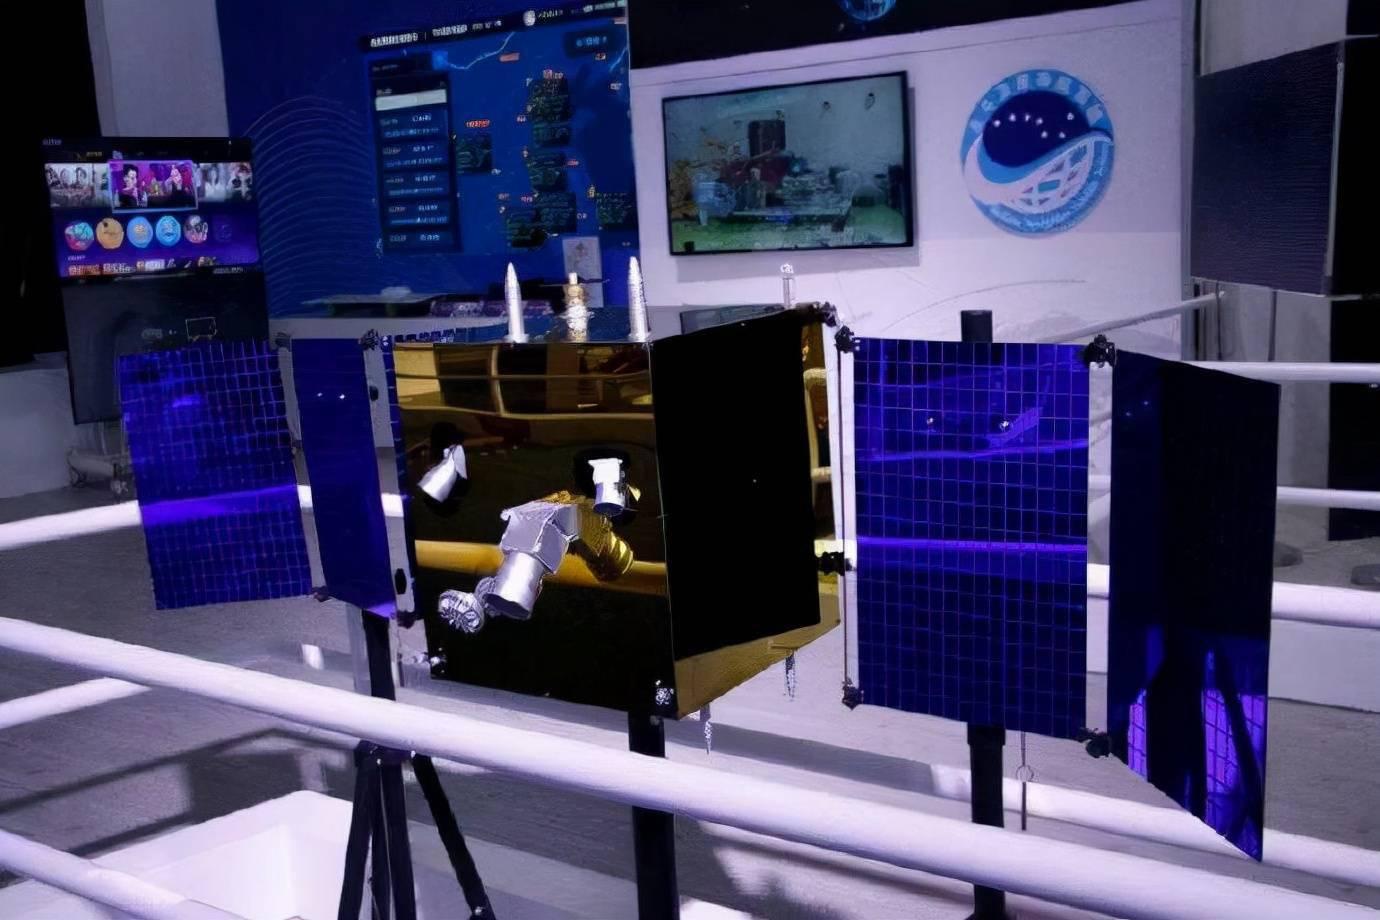 我国将发射首颗太阳探测科技试验卫星